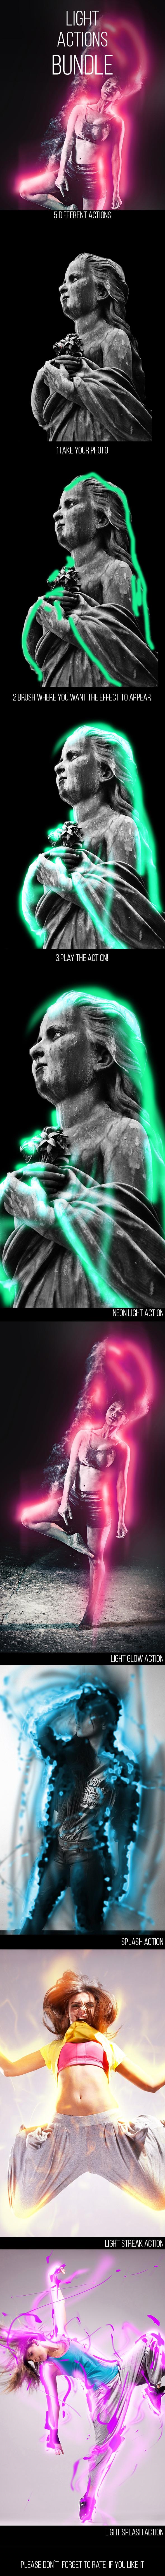 GraphicRiver Light Photoshop Actions Bundle 10094262